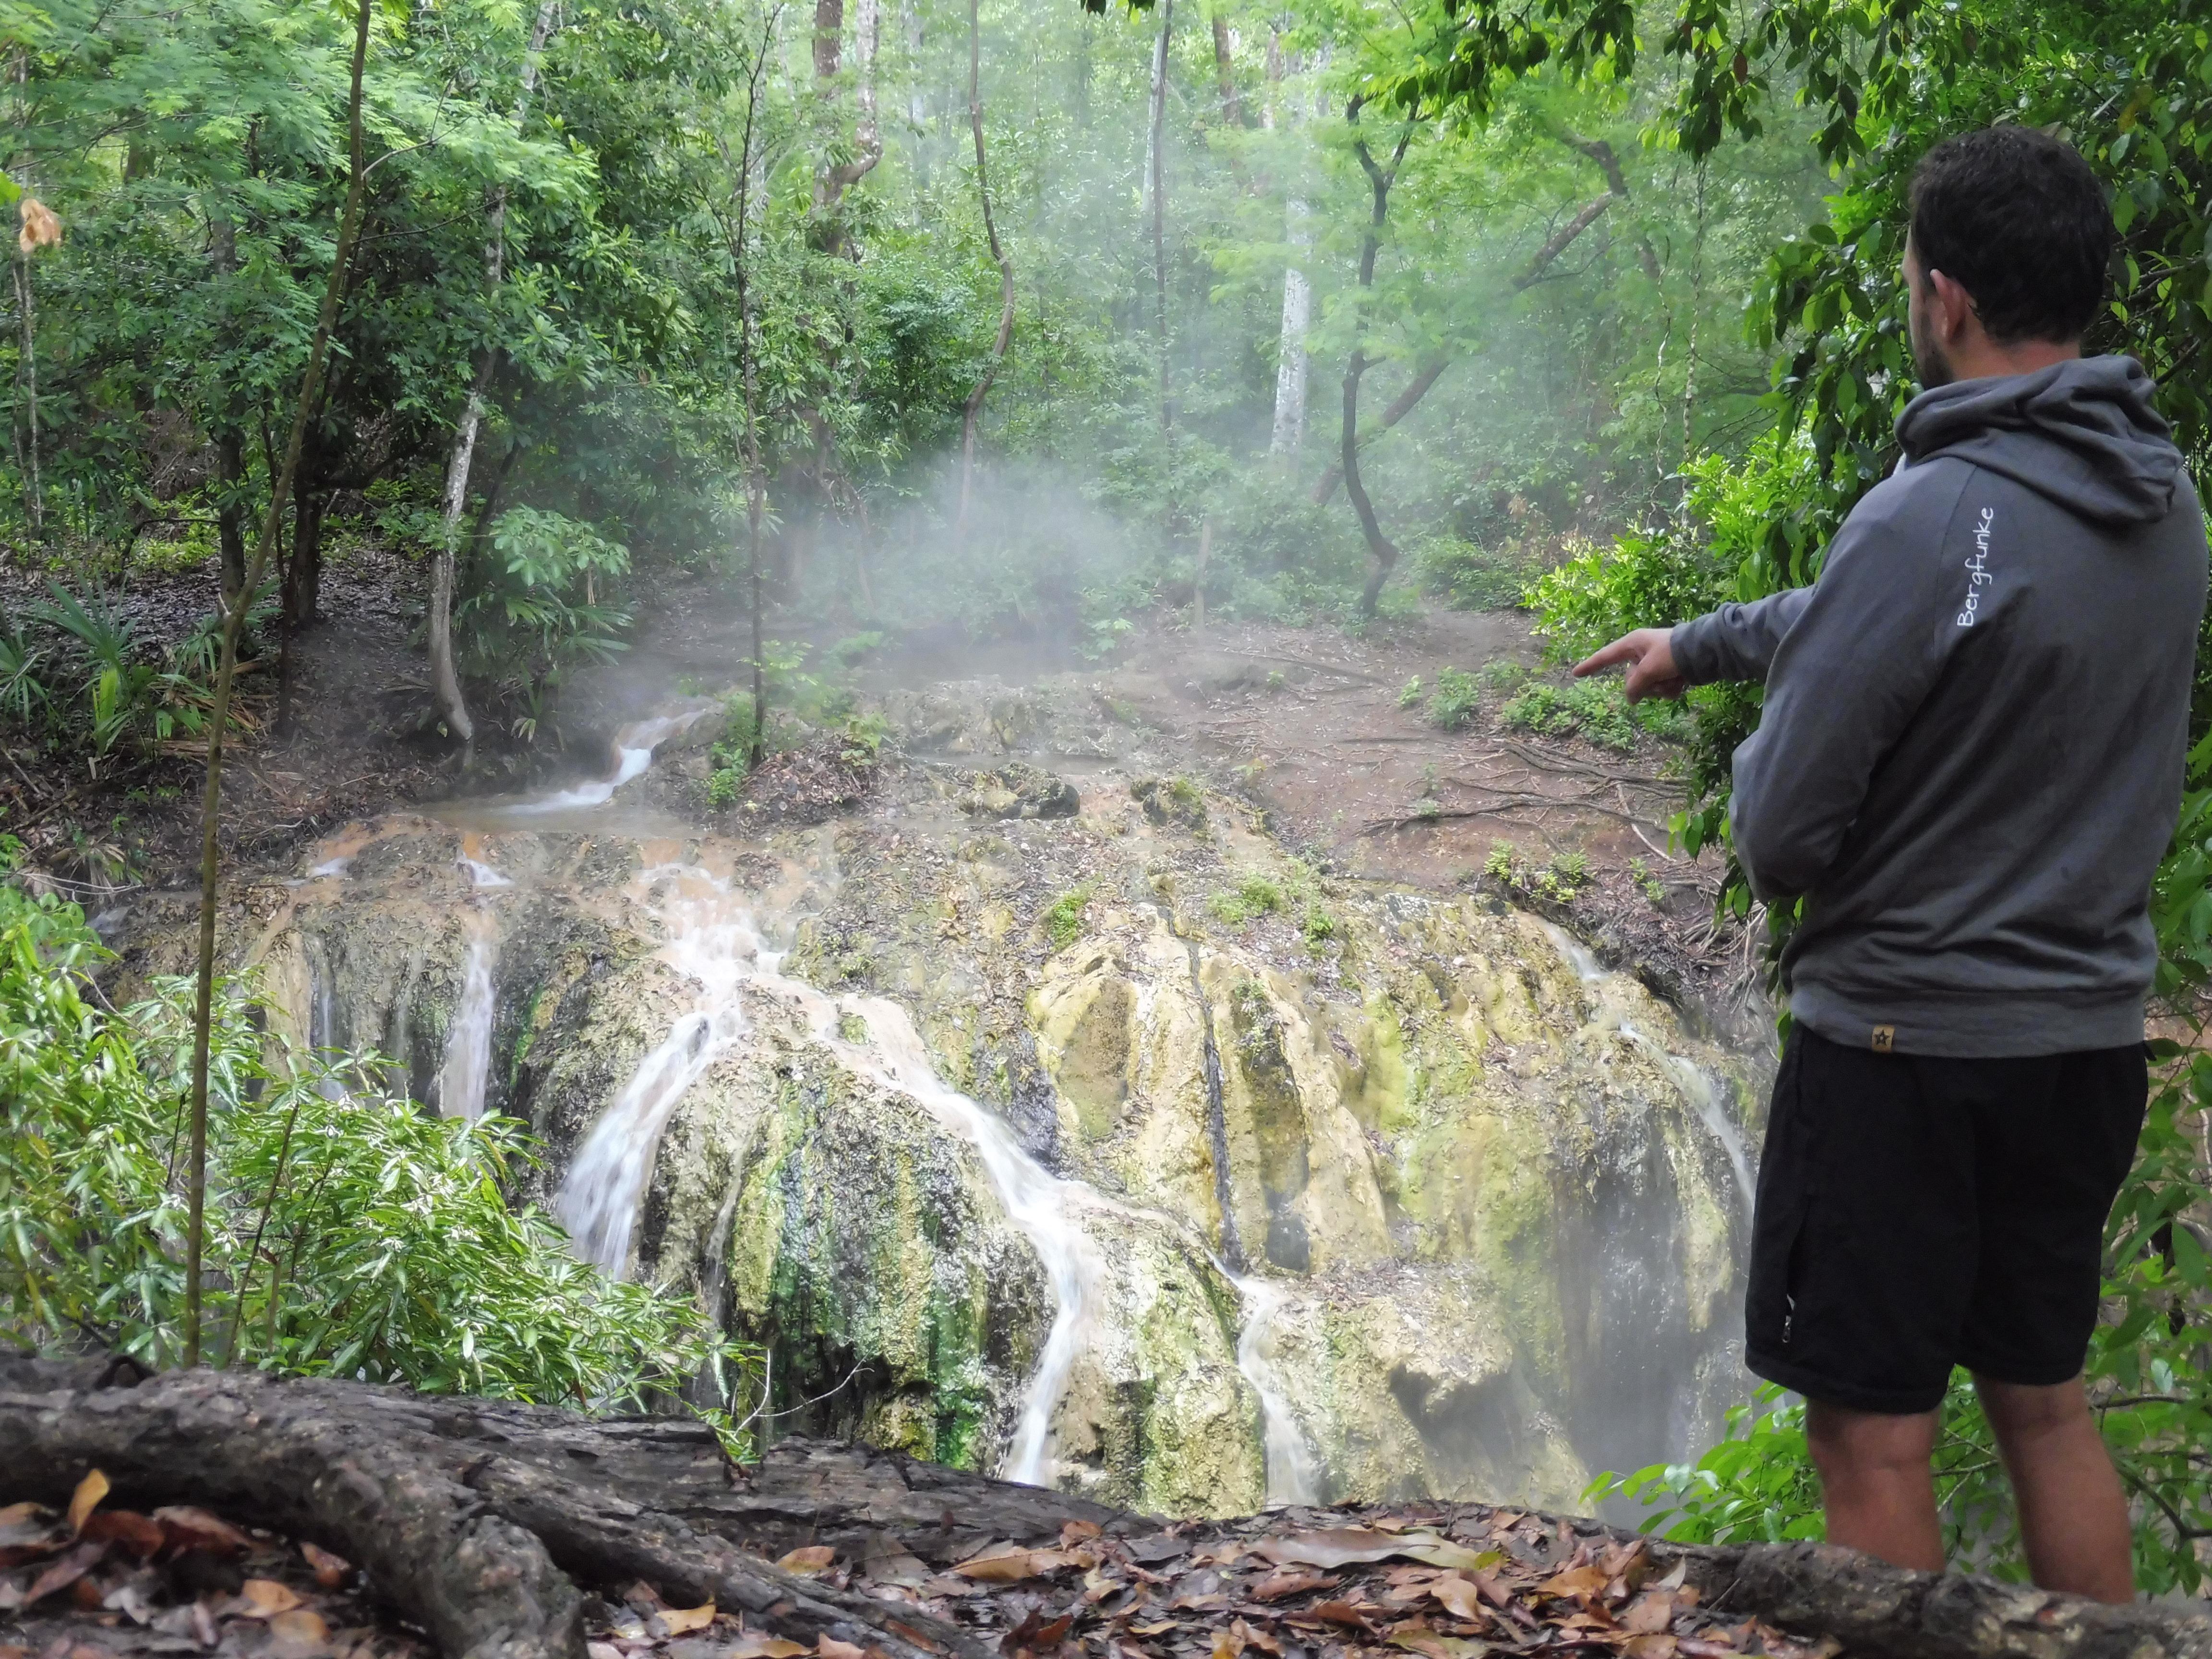 Rio Dulce - Dampfender Wasserfall 4